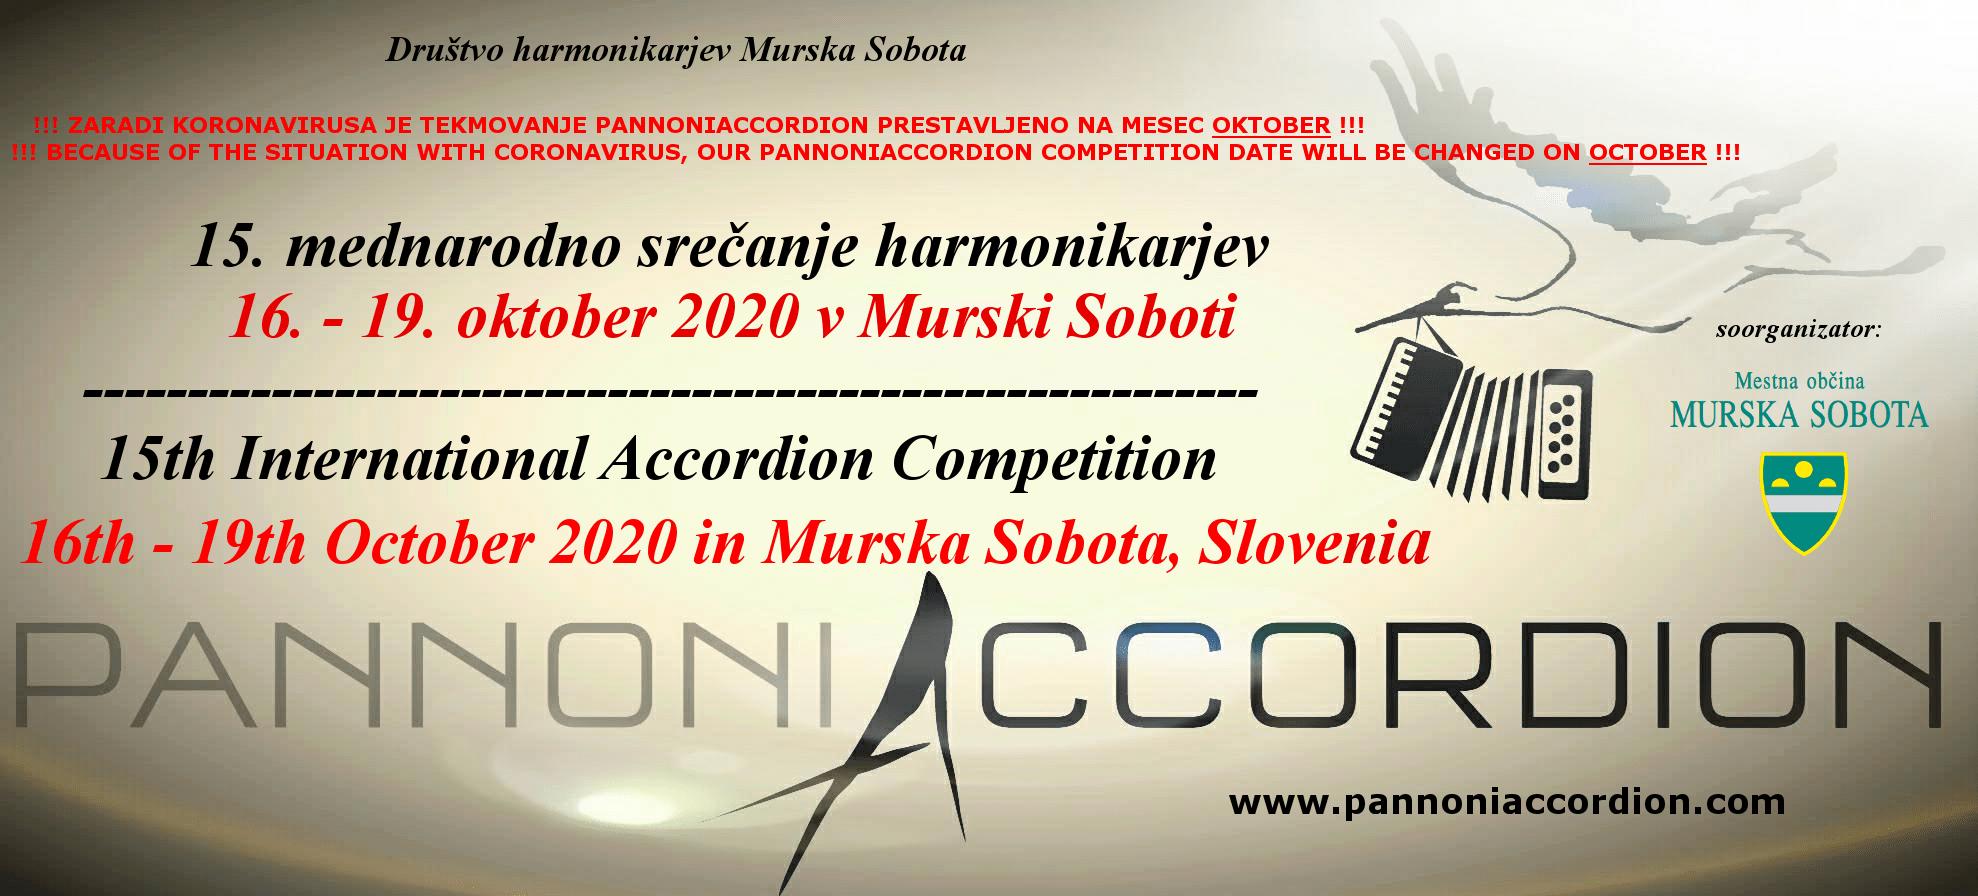 15 международный конкурс аккордеонистов pannoniaccordion 2020